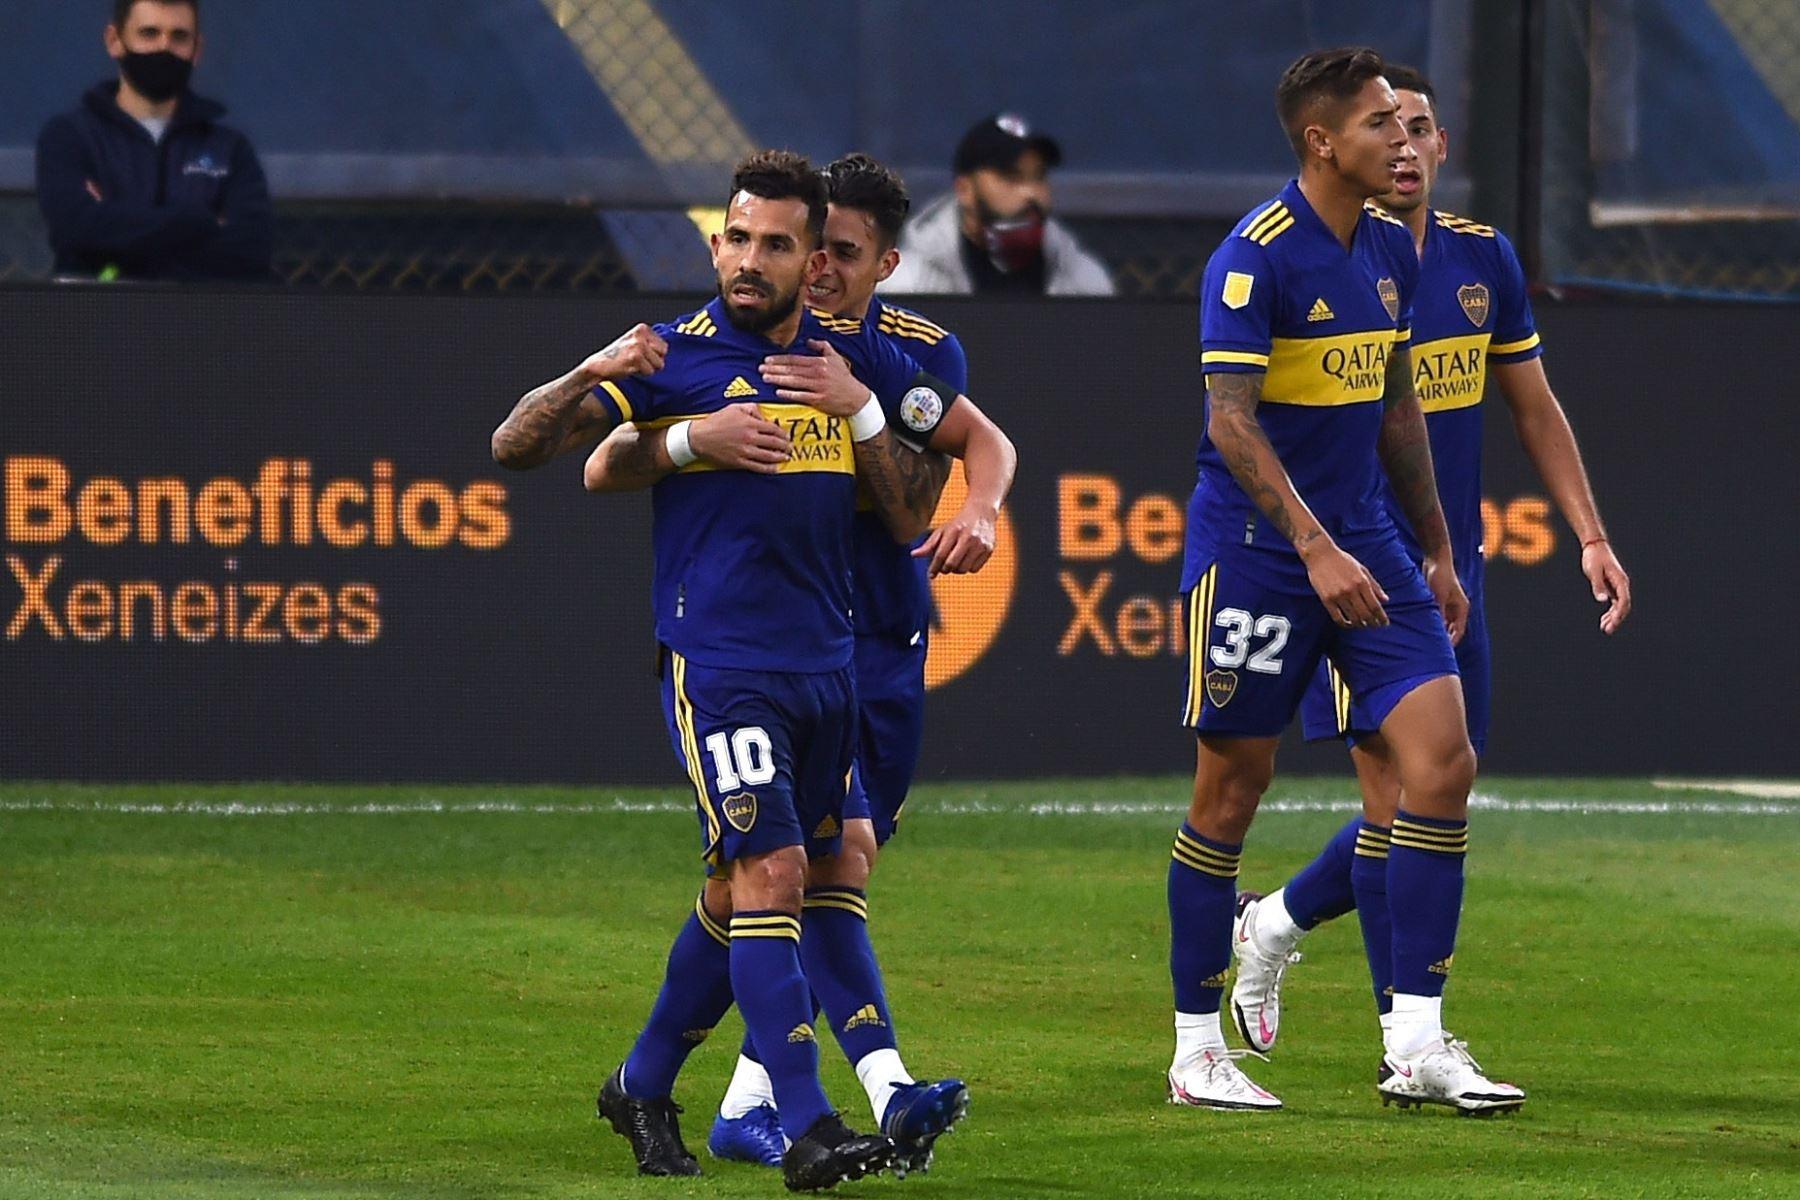 Carlos Tevez  de Boca celebra al anotar el 1-0 hoy, en un partido de los cuartos de final de la Primera División de Argentina entre Boca Juniors y River Plate en el estadio la Bombonera en Buenos Aires (Argentina). Foto: EFE